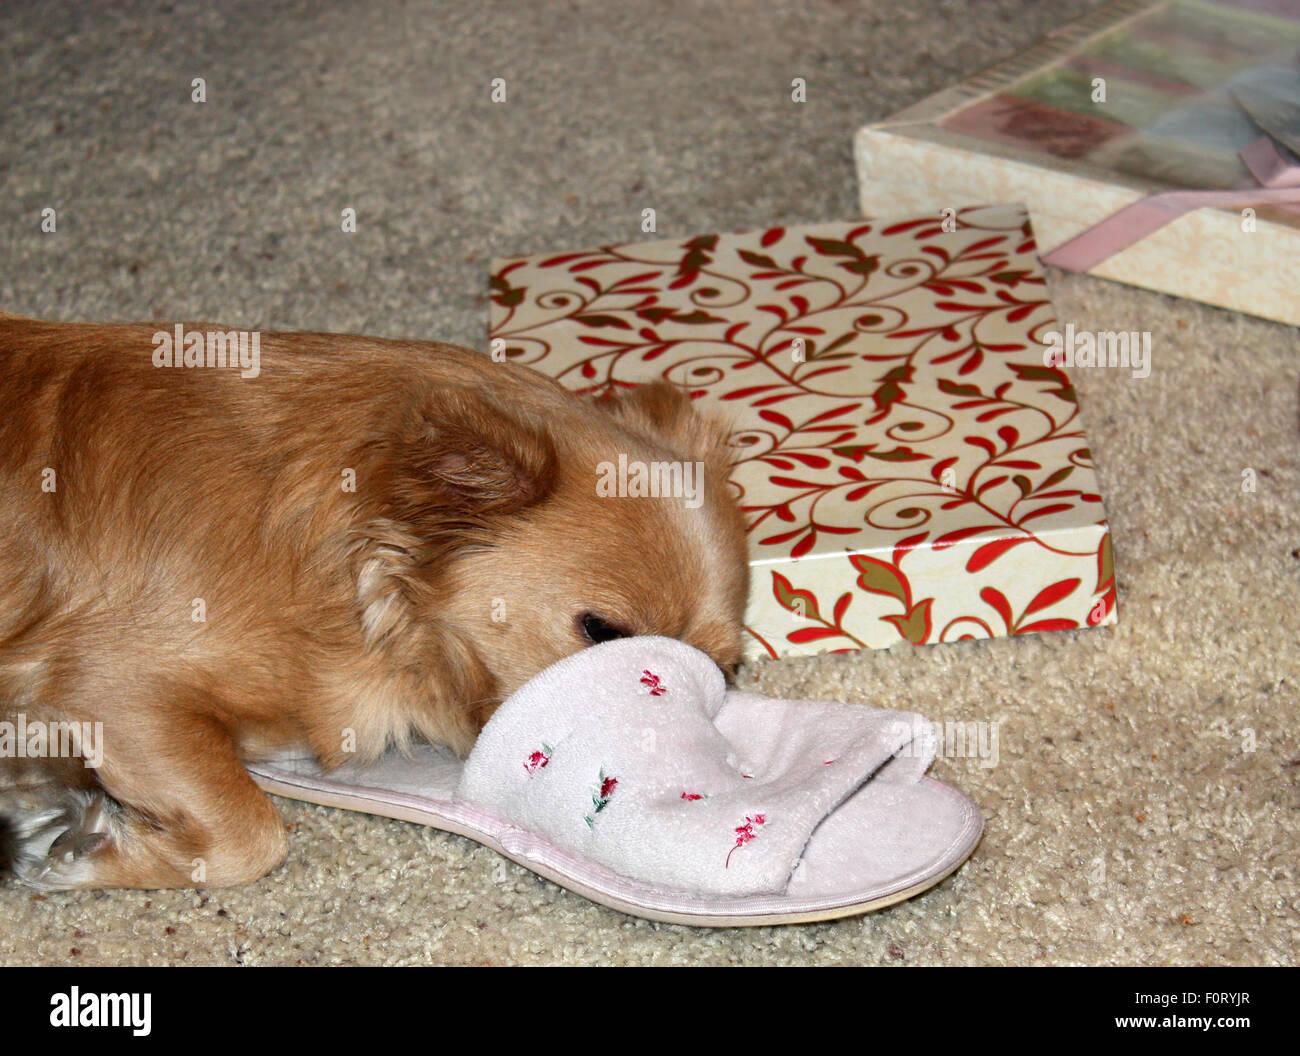 Susse Langhaar Chihuahua Schlafen Auf Pantoffel In Der Nahe Von Prasentiert Stockfotografie Alamy